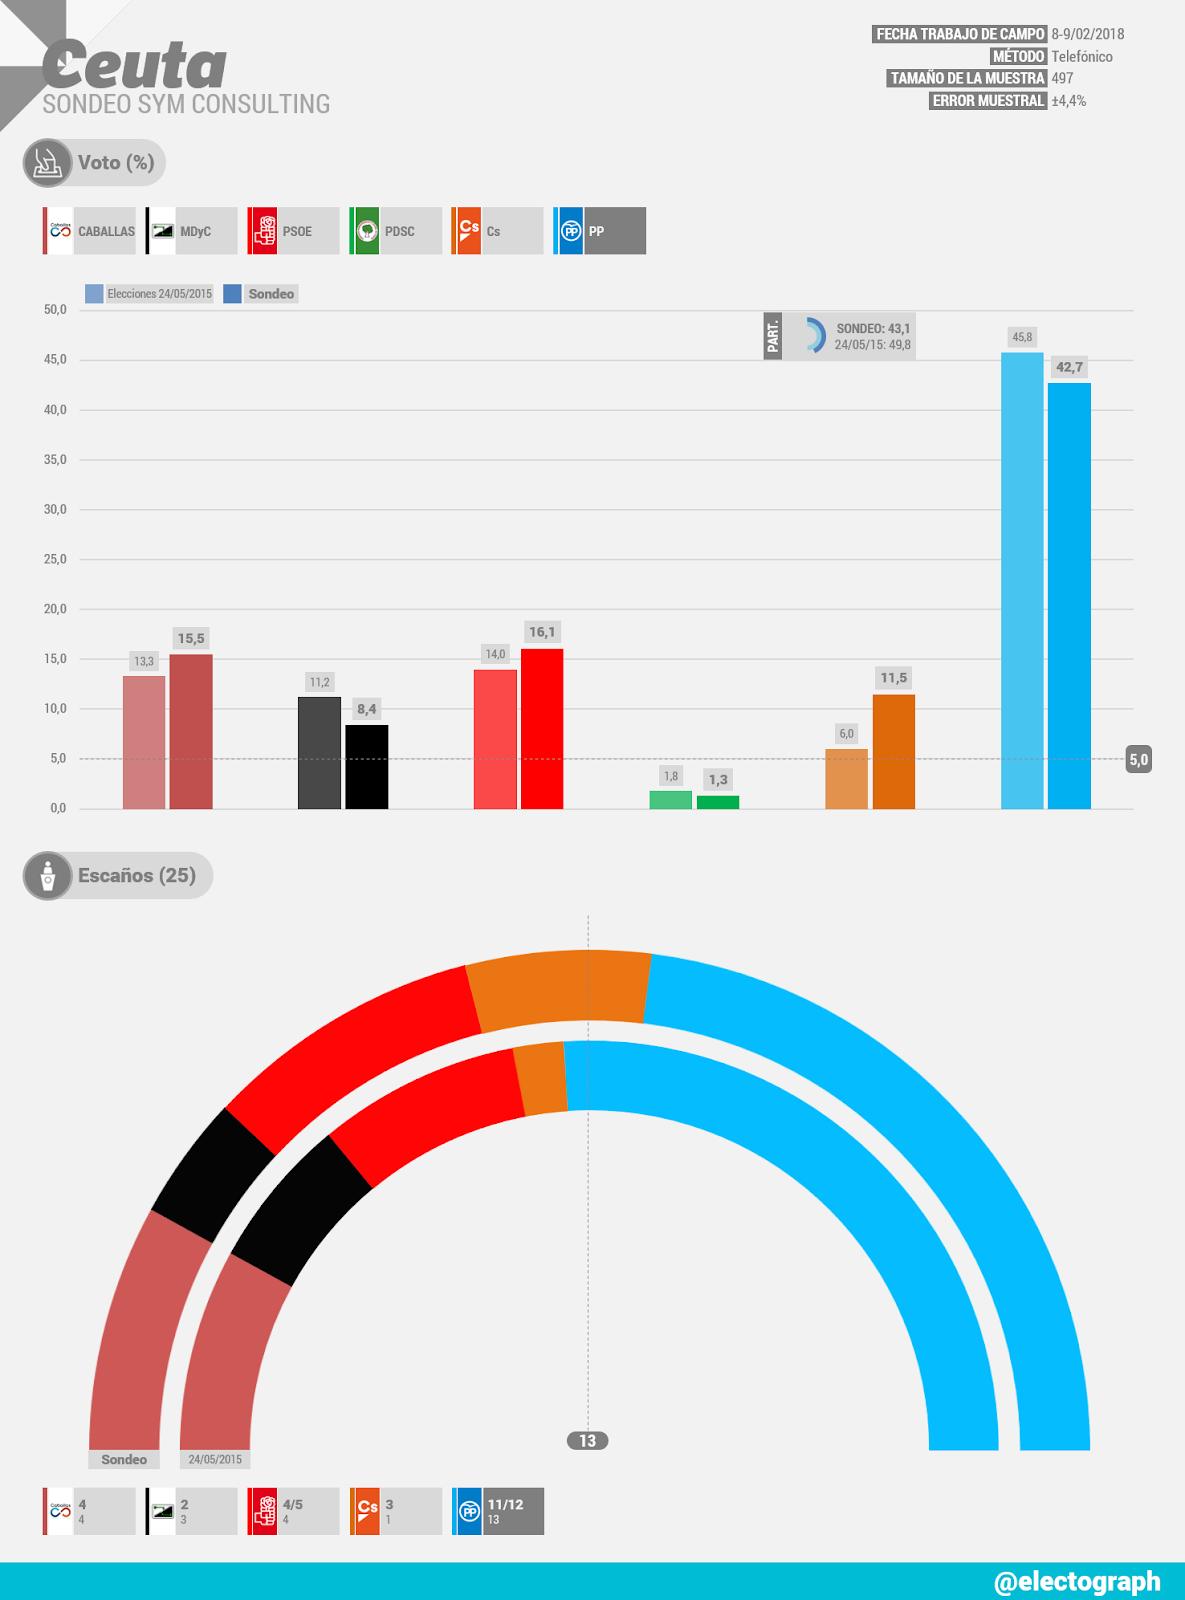 Gráfico de la encuesta para elecciones autonómicas en Ceuta realizada por SyM Consulting en febrero de 2018